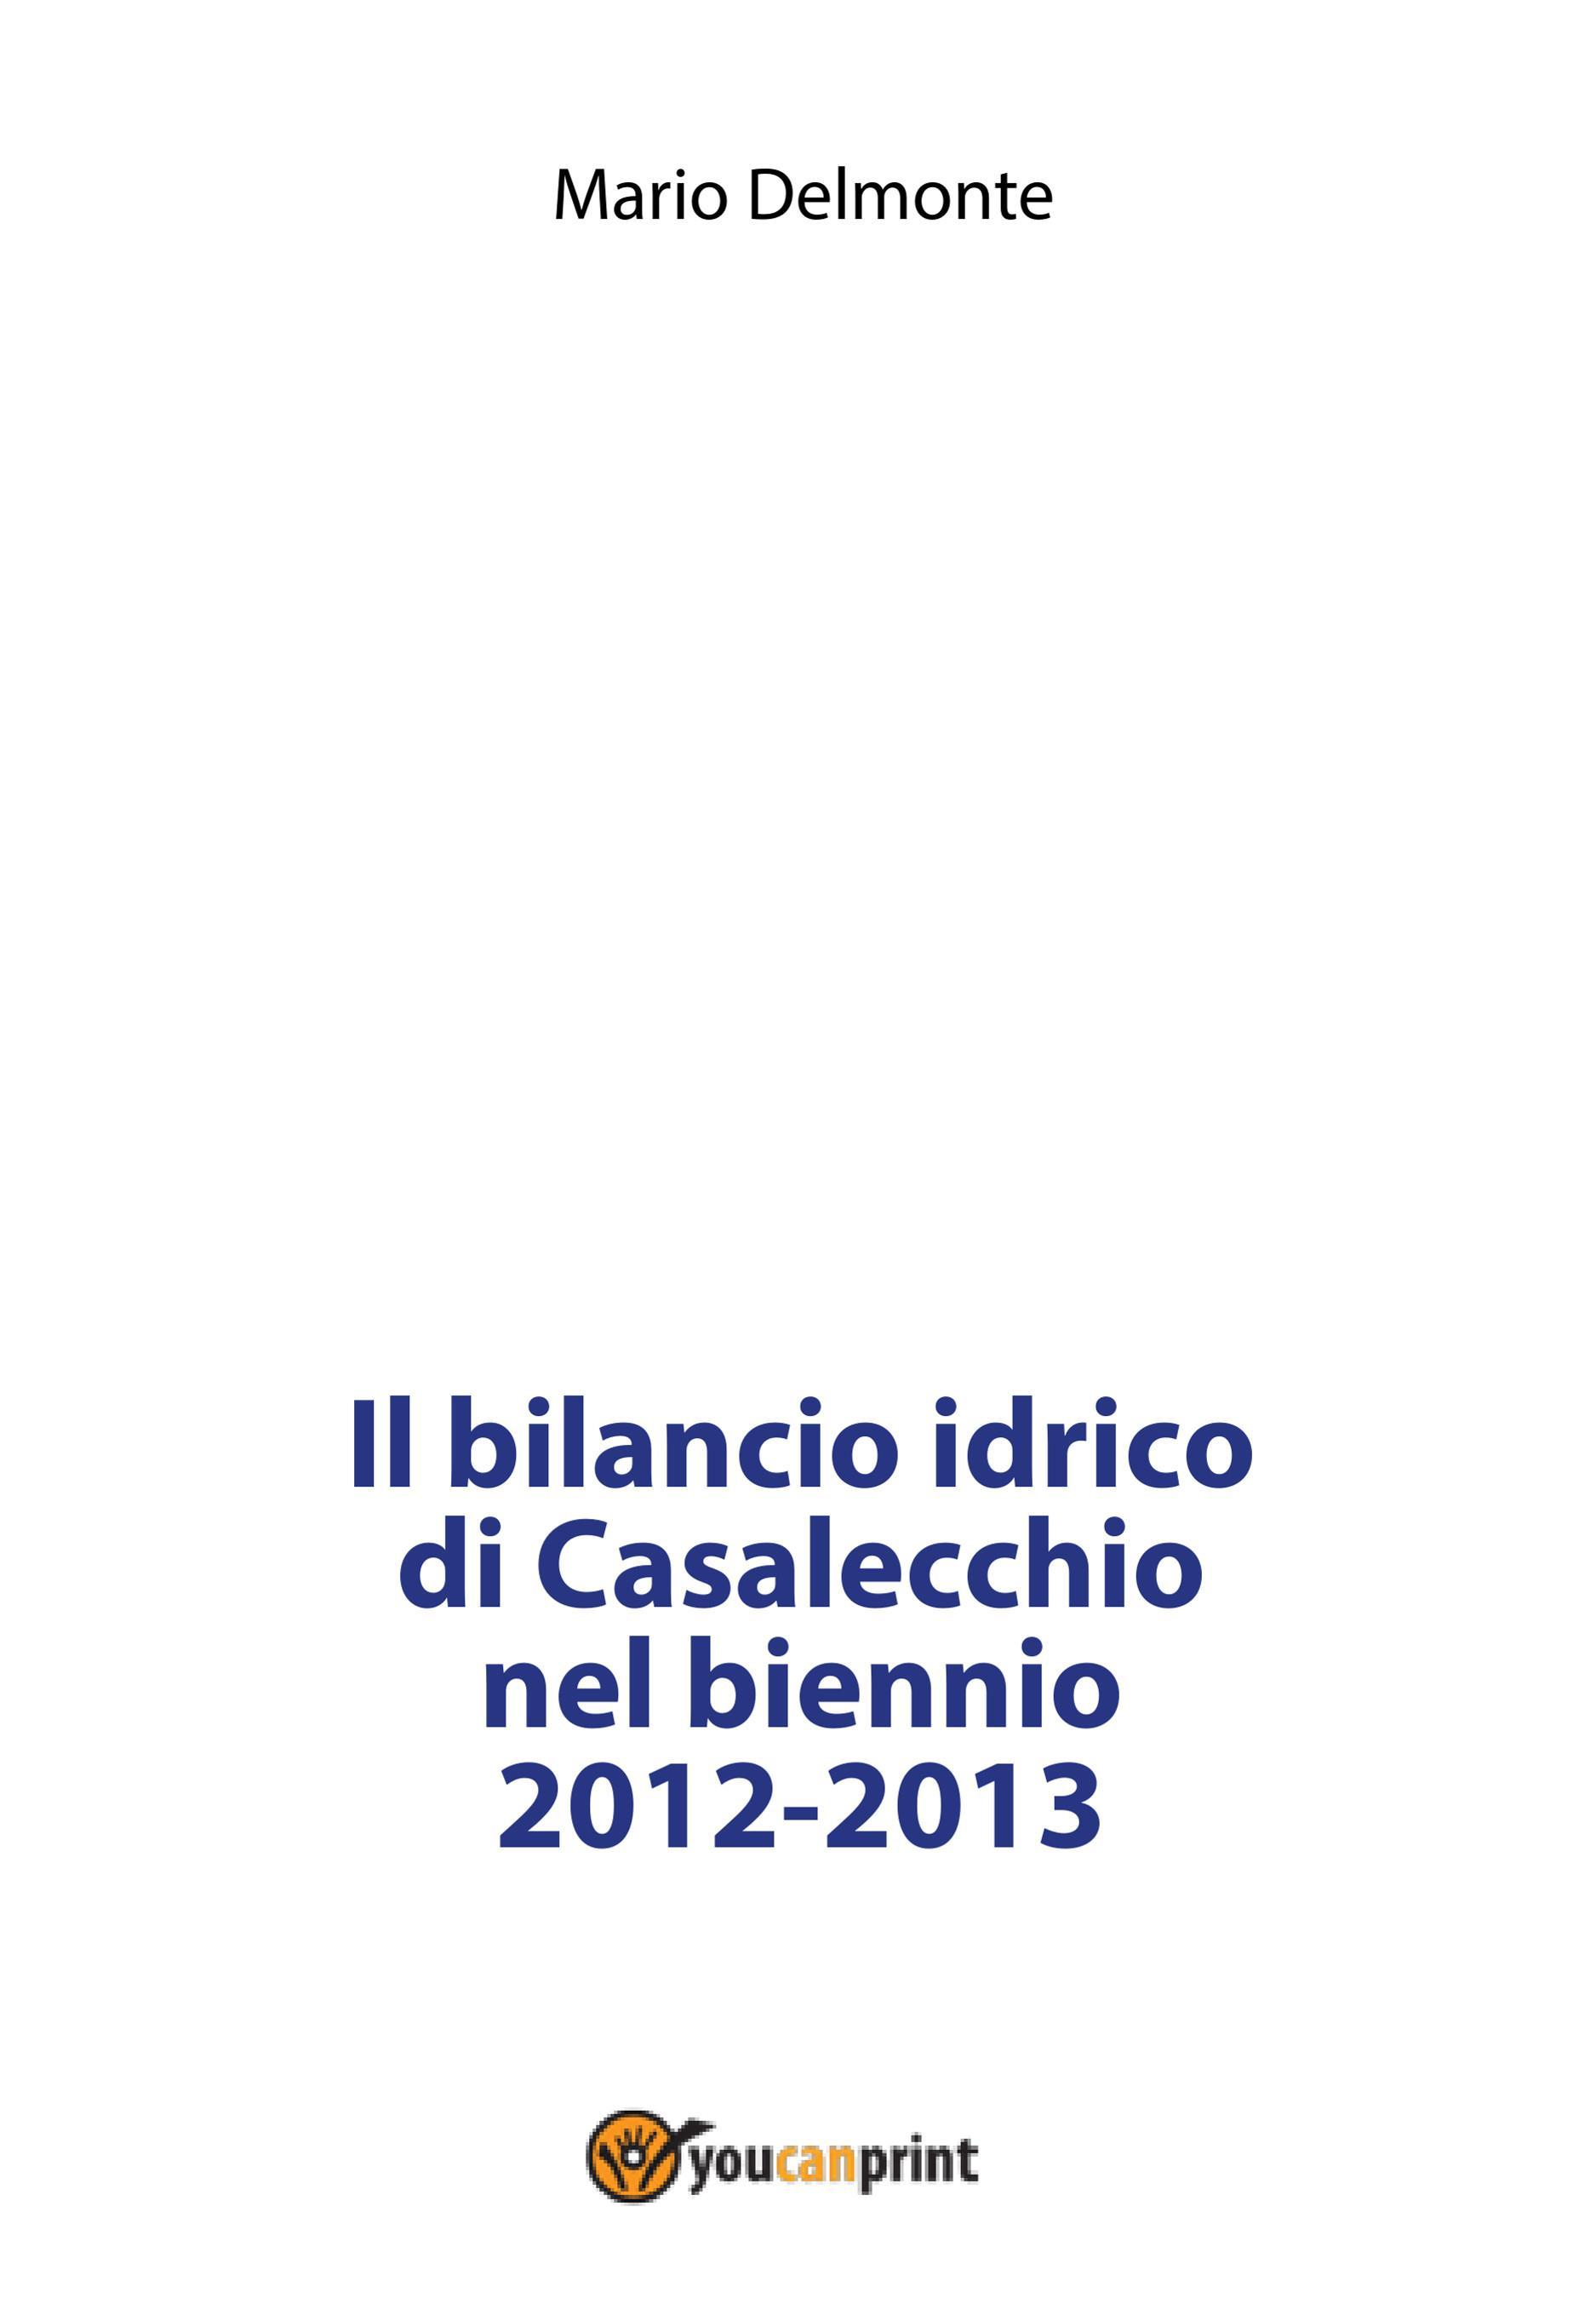 Il bilancio idrico di Casalecchio nel biennio 2012-2013